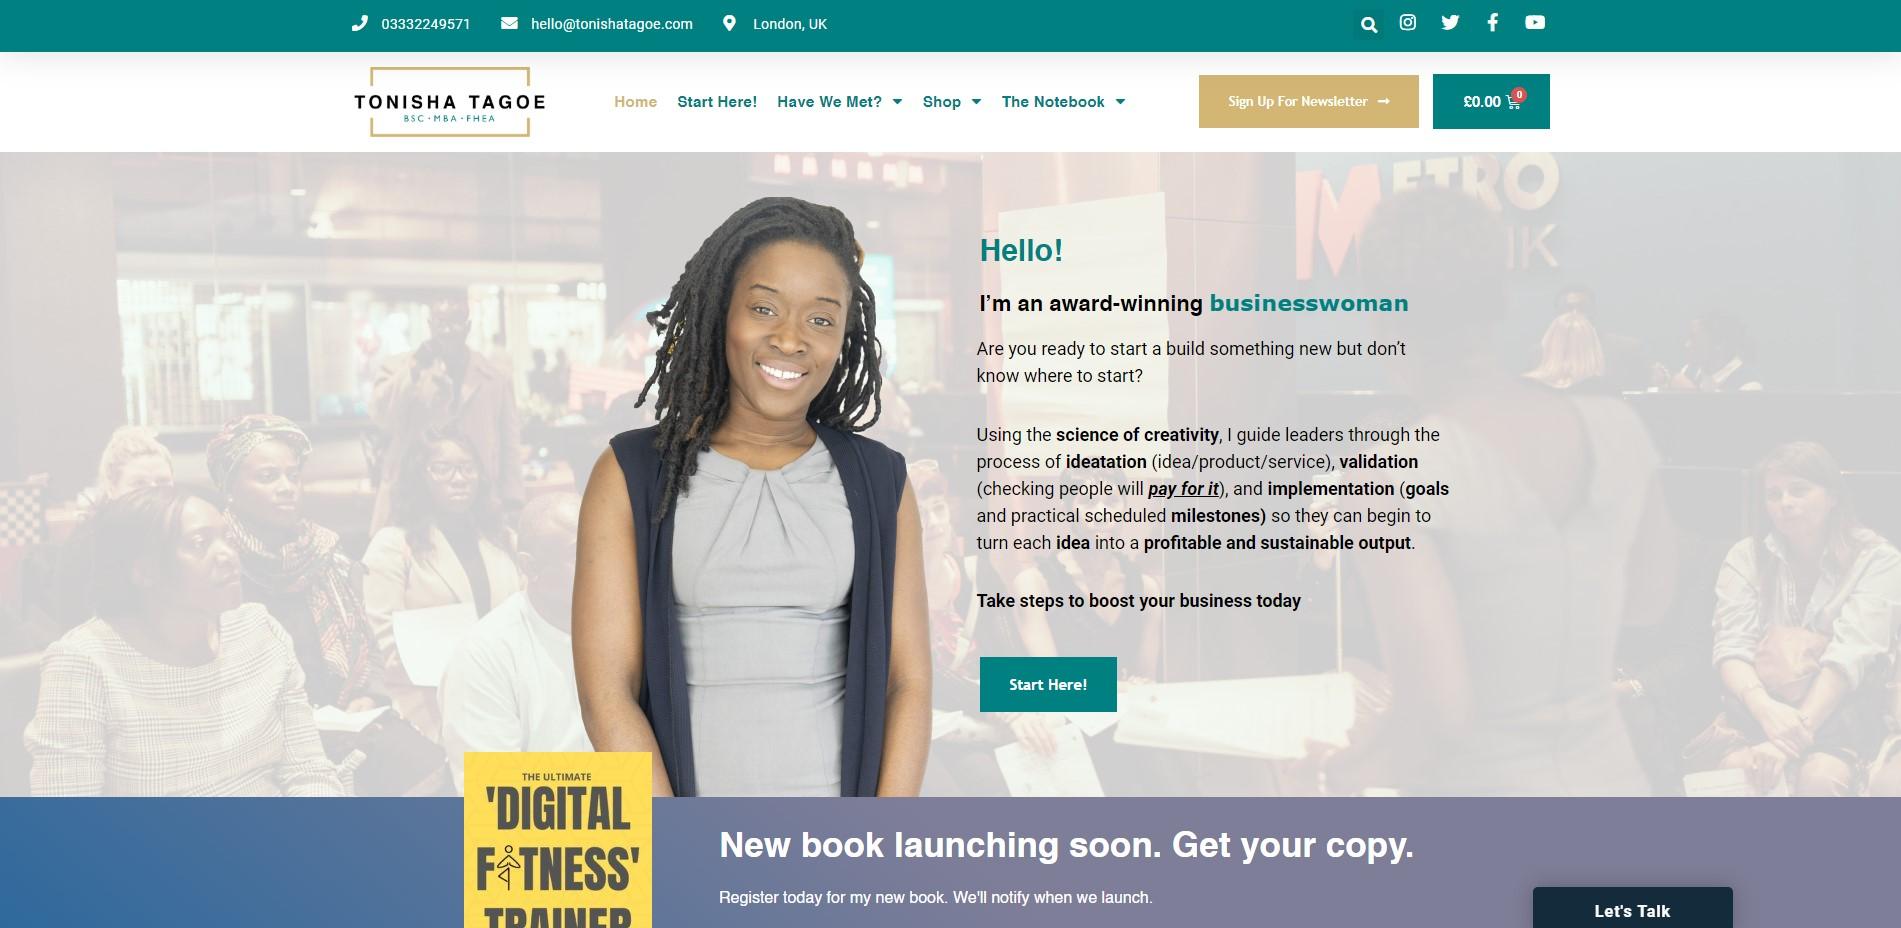 1. Tonisha Tagoe - Homepage